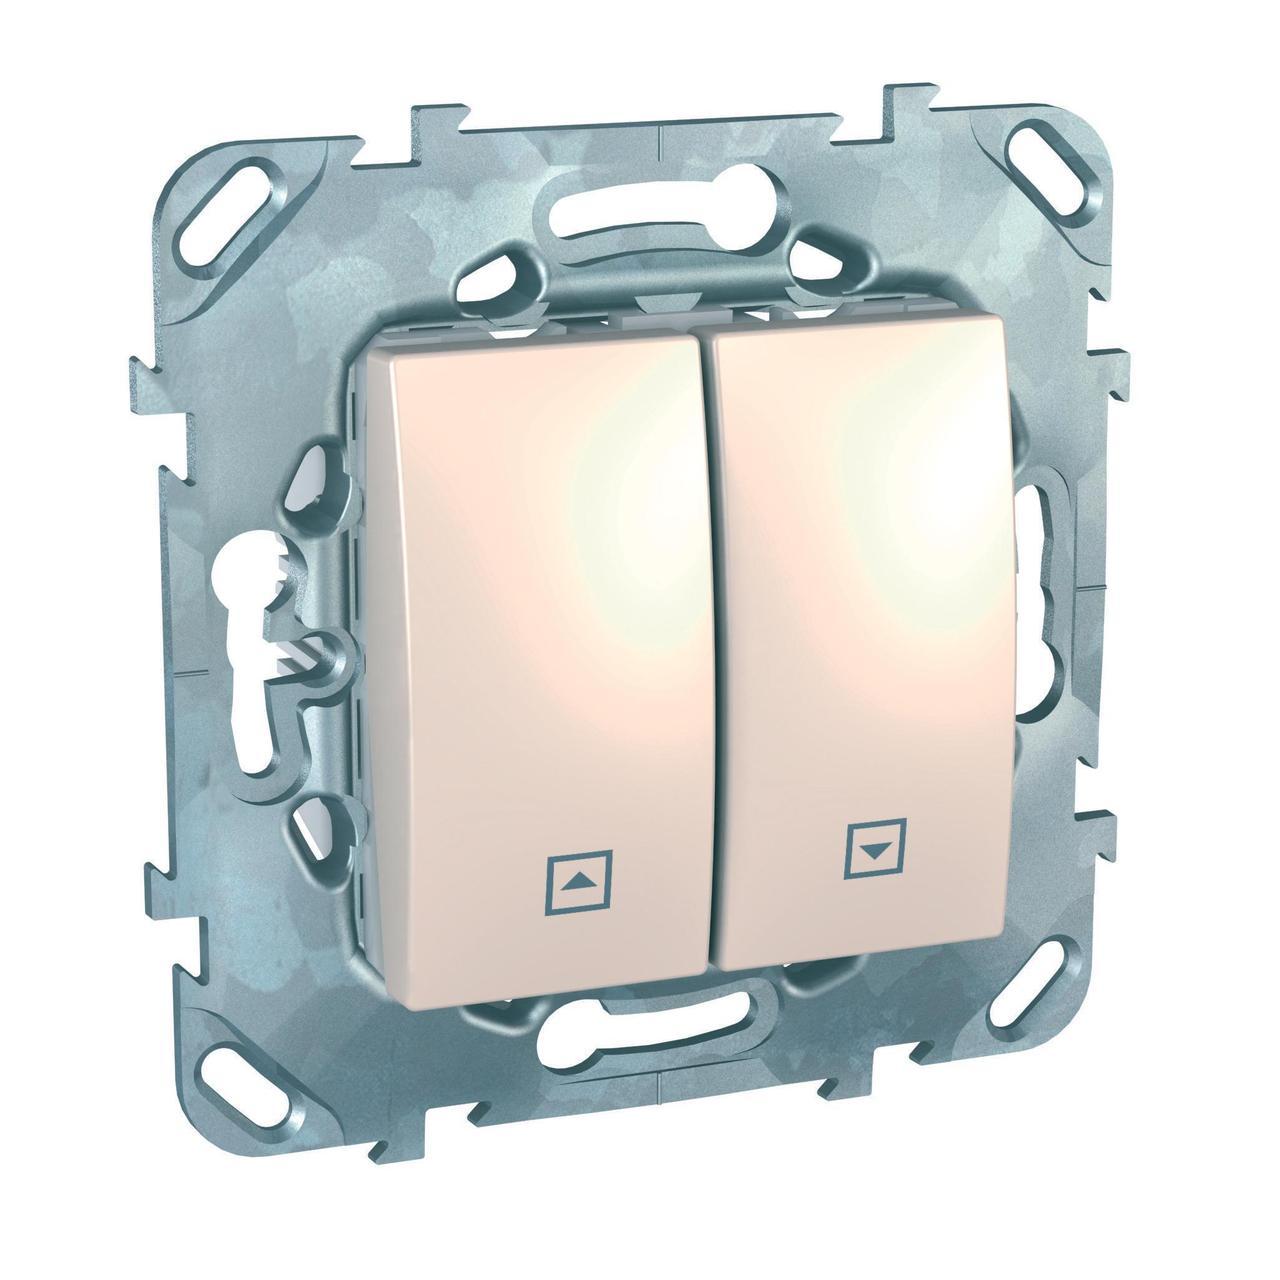 Выключатель для жалюзи (рольставней) кнопочный , Бежевый, серия Unica, Schneider Electric